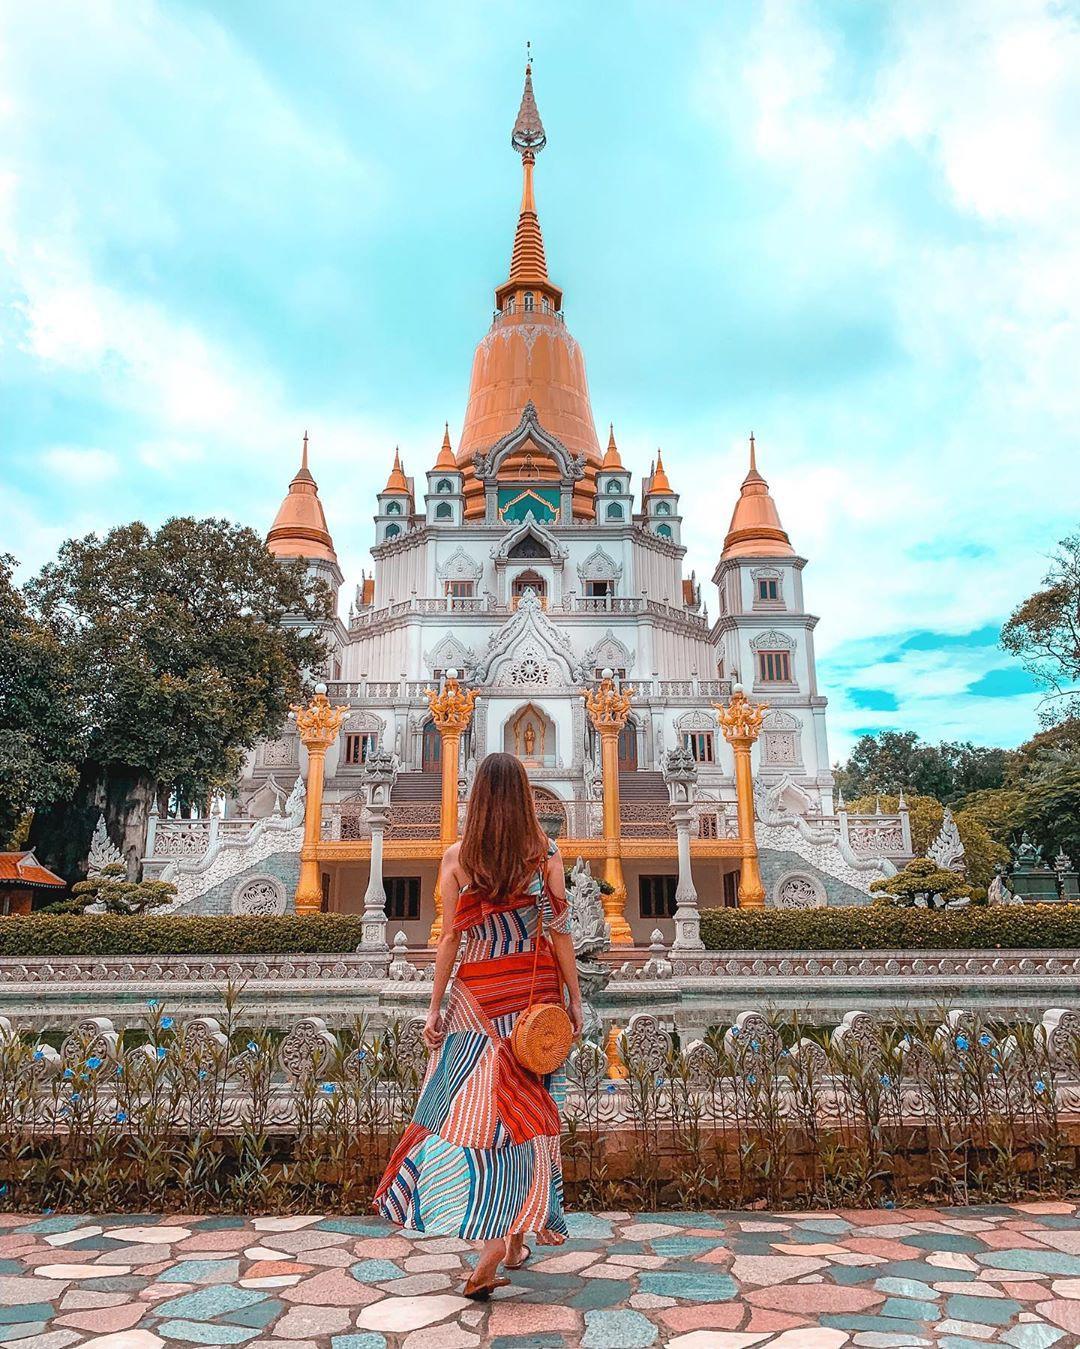 Bật mí những địa điểm du xuân thú vị quanh Sài Gòn trong dịp Tết 2021 - Ảnh 1.